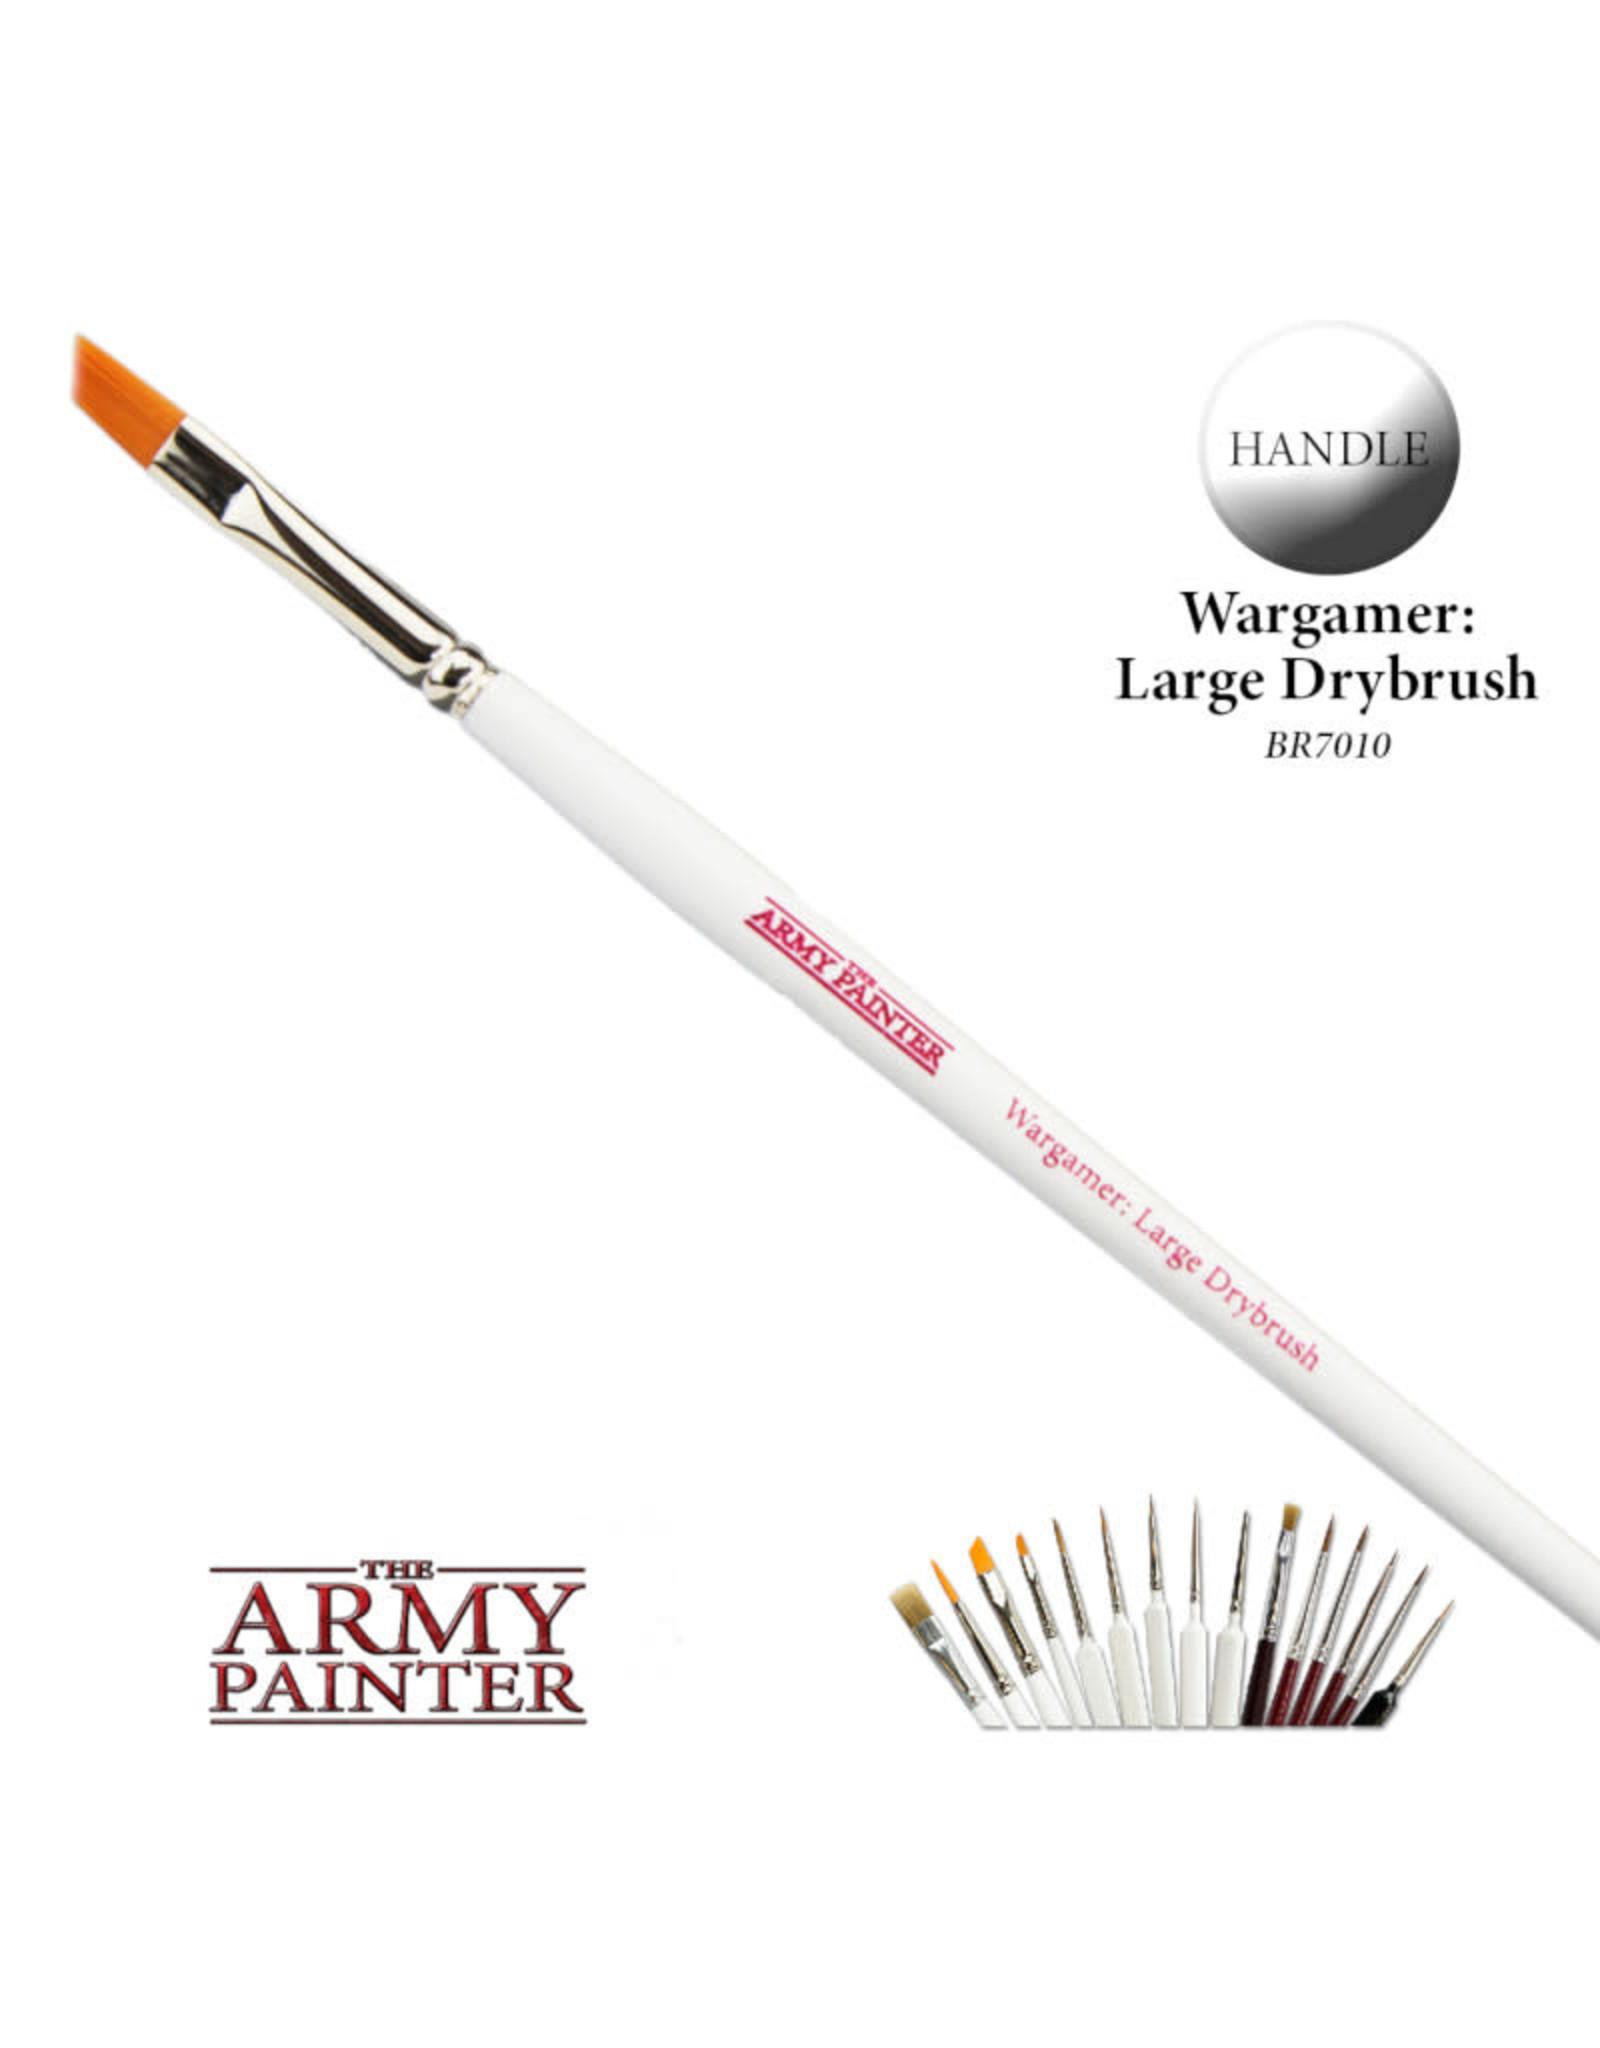 Wargamer Brush: Large Drybrush